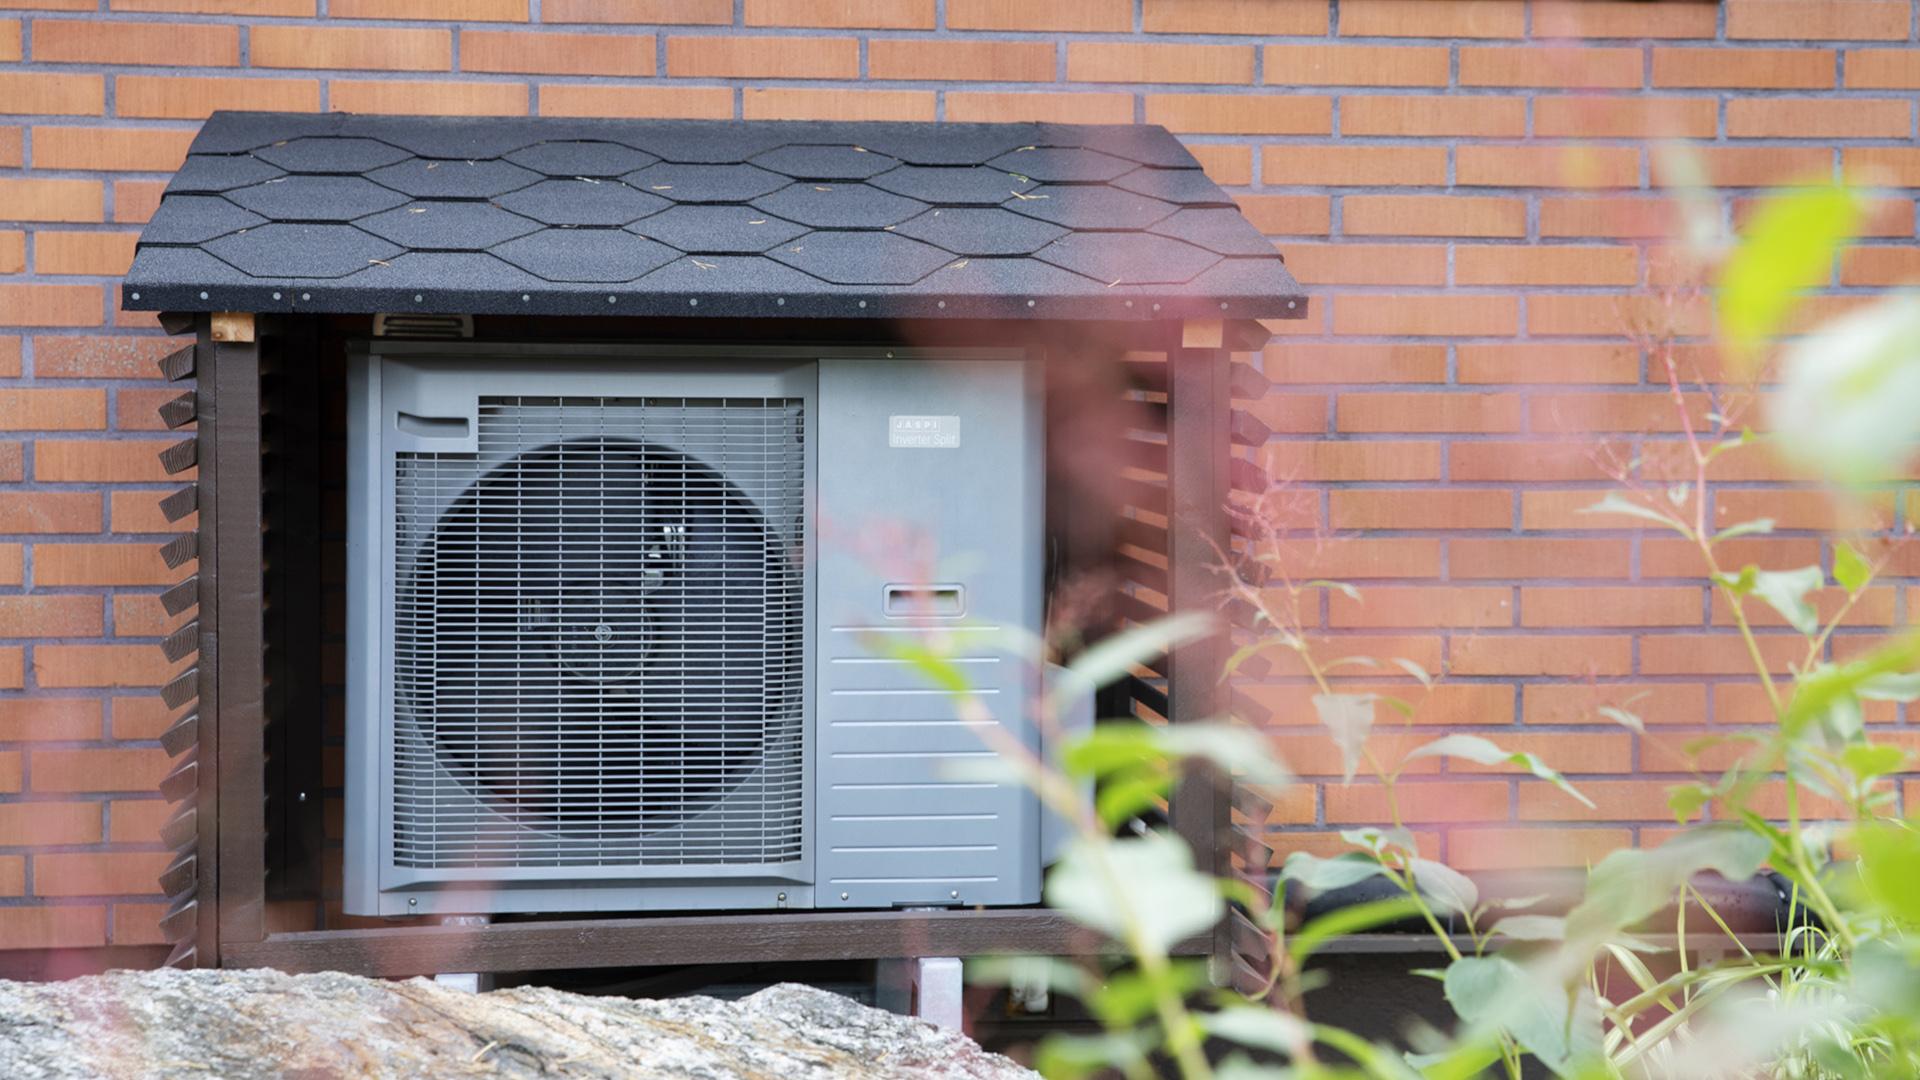 Asiakas voi hakea Jäspi Lämmitysrahoitusta koko lämmitysjärjestelmän hankintahinnalle, eli työn osuudelle ja laitehankinnalle.